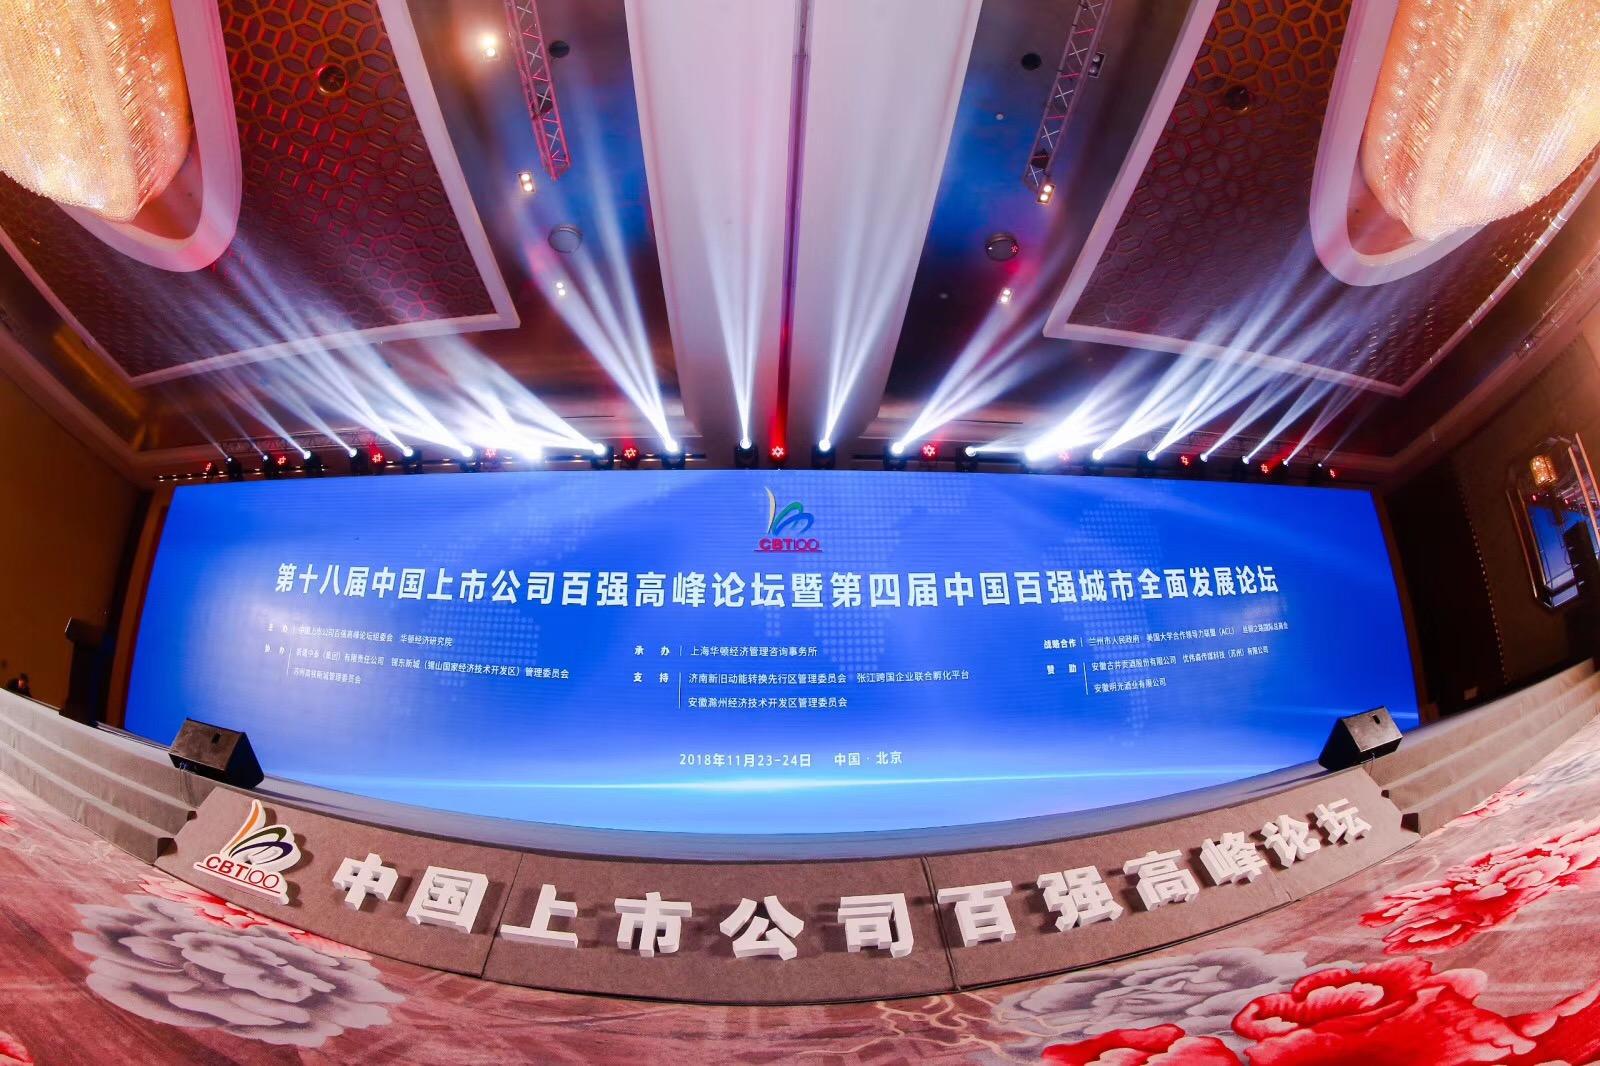 兰州石化公司_群英汇聚|第十八届中国上市公司百强高峰论坛在北京隆重举行 ...